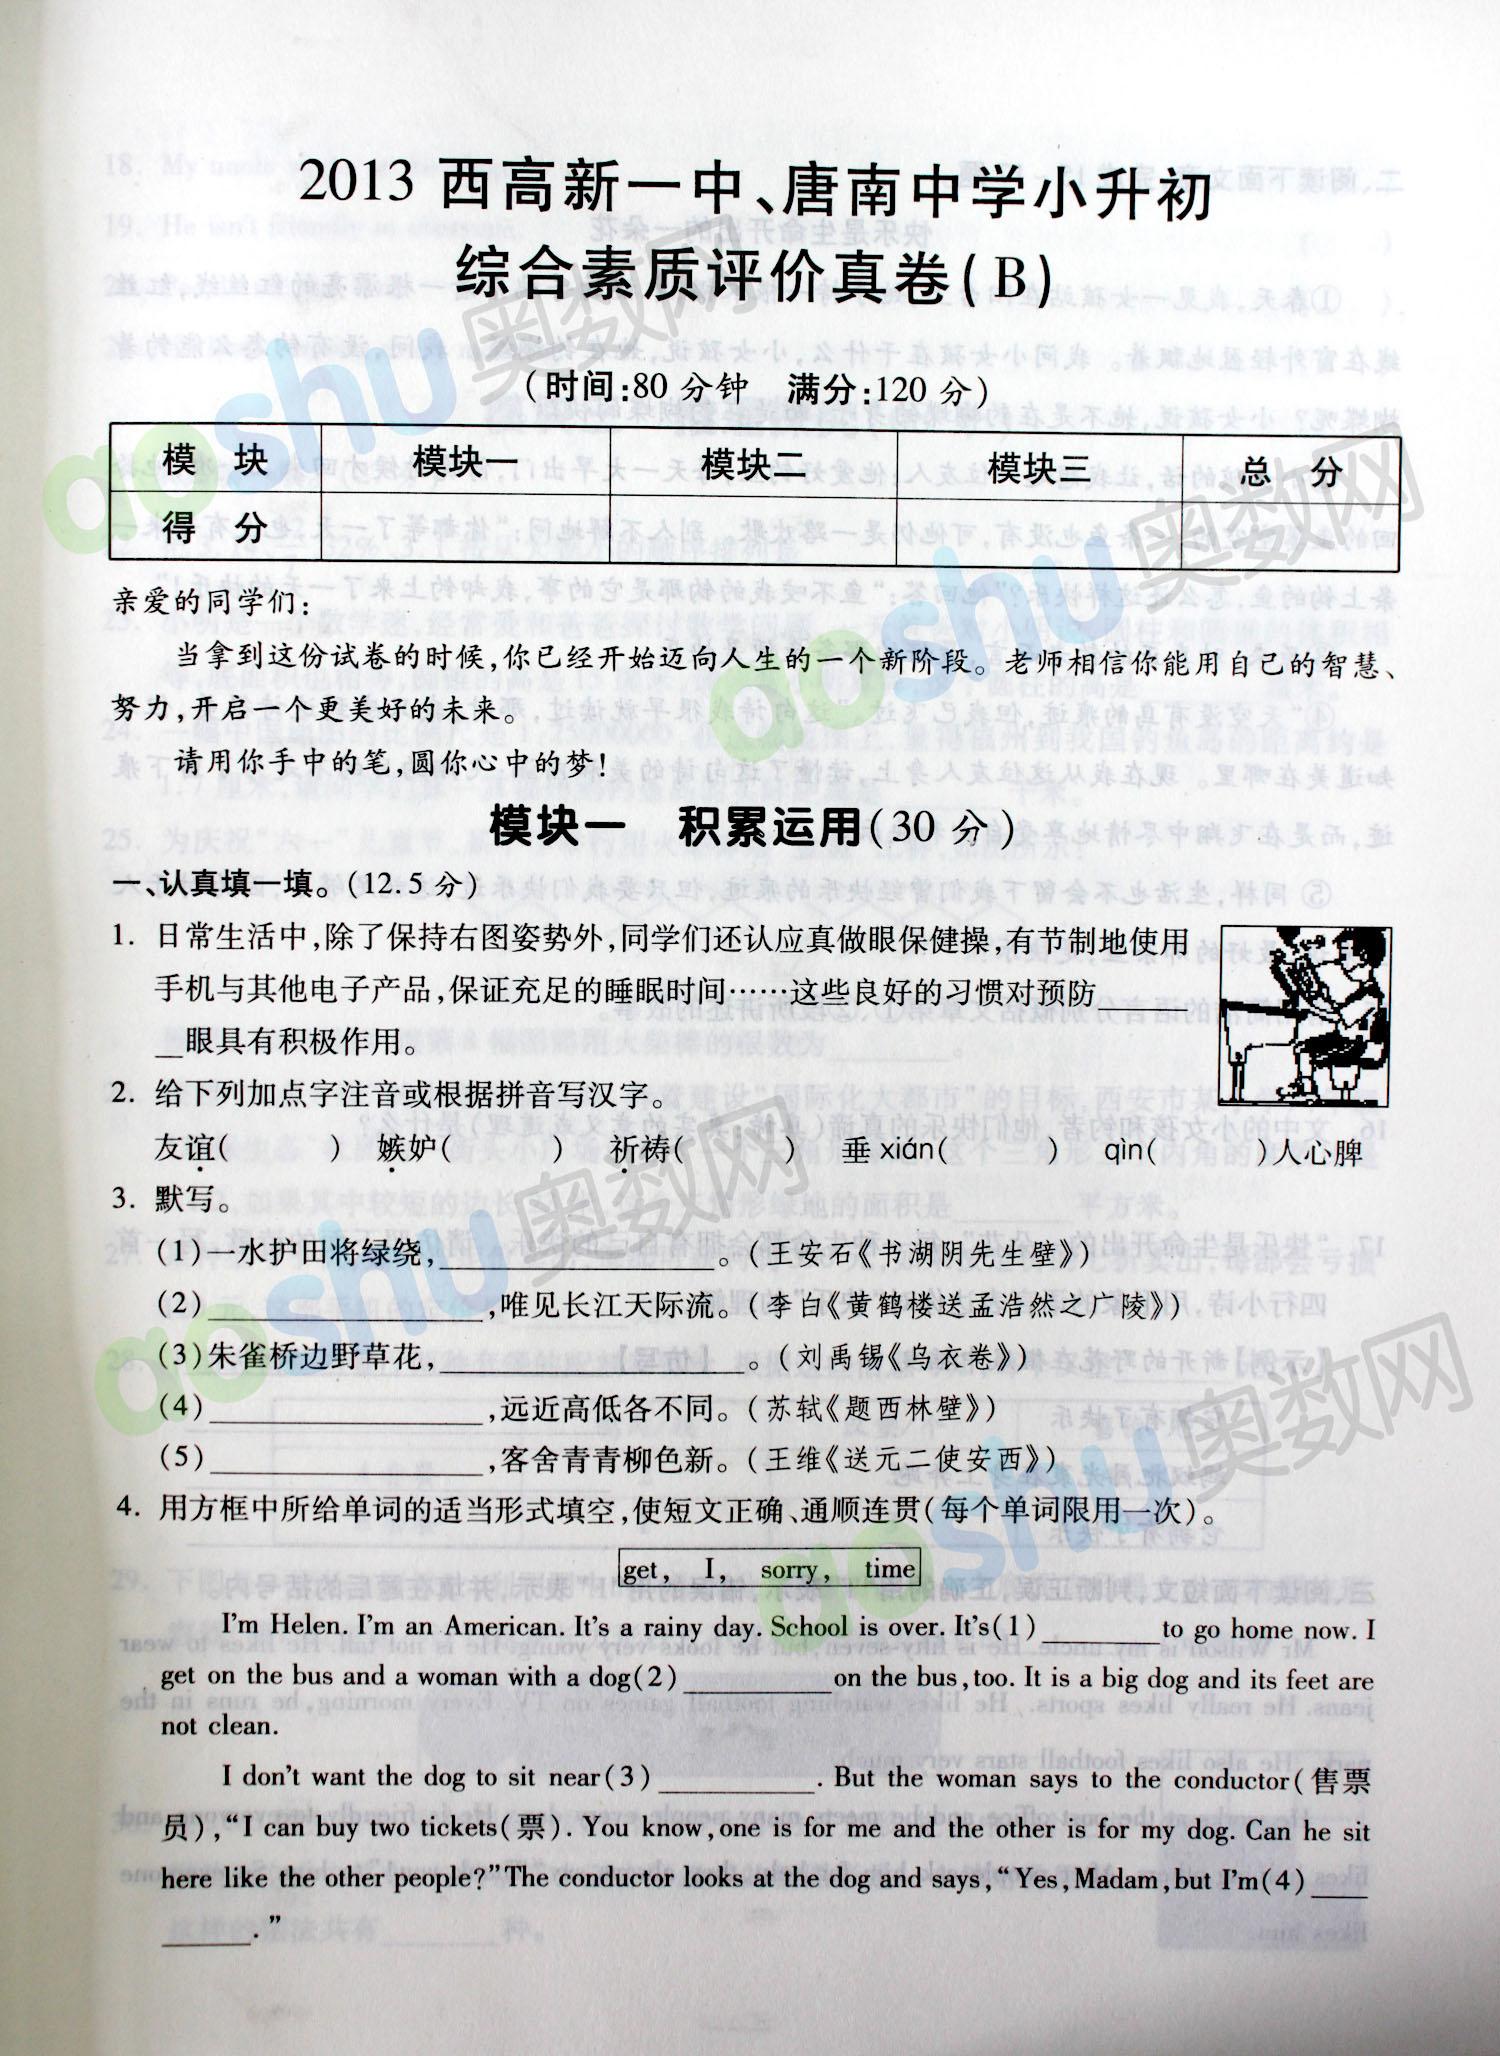 2013高新一中 唐南中学小升初526综合素质评价真卷B